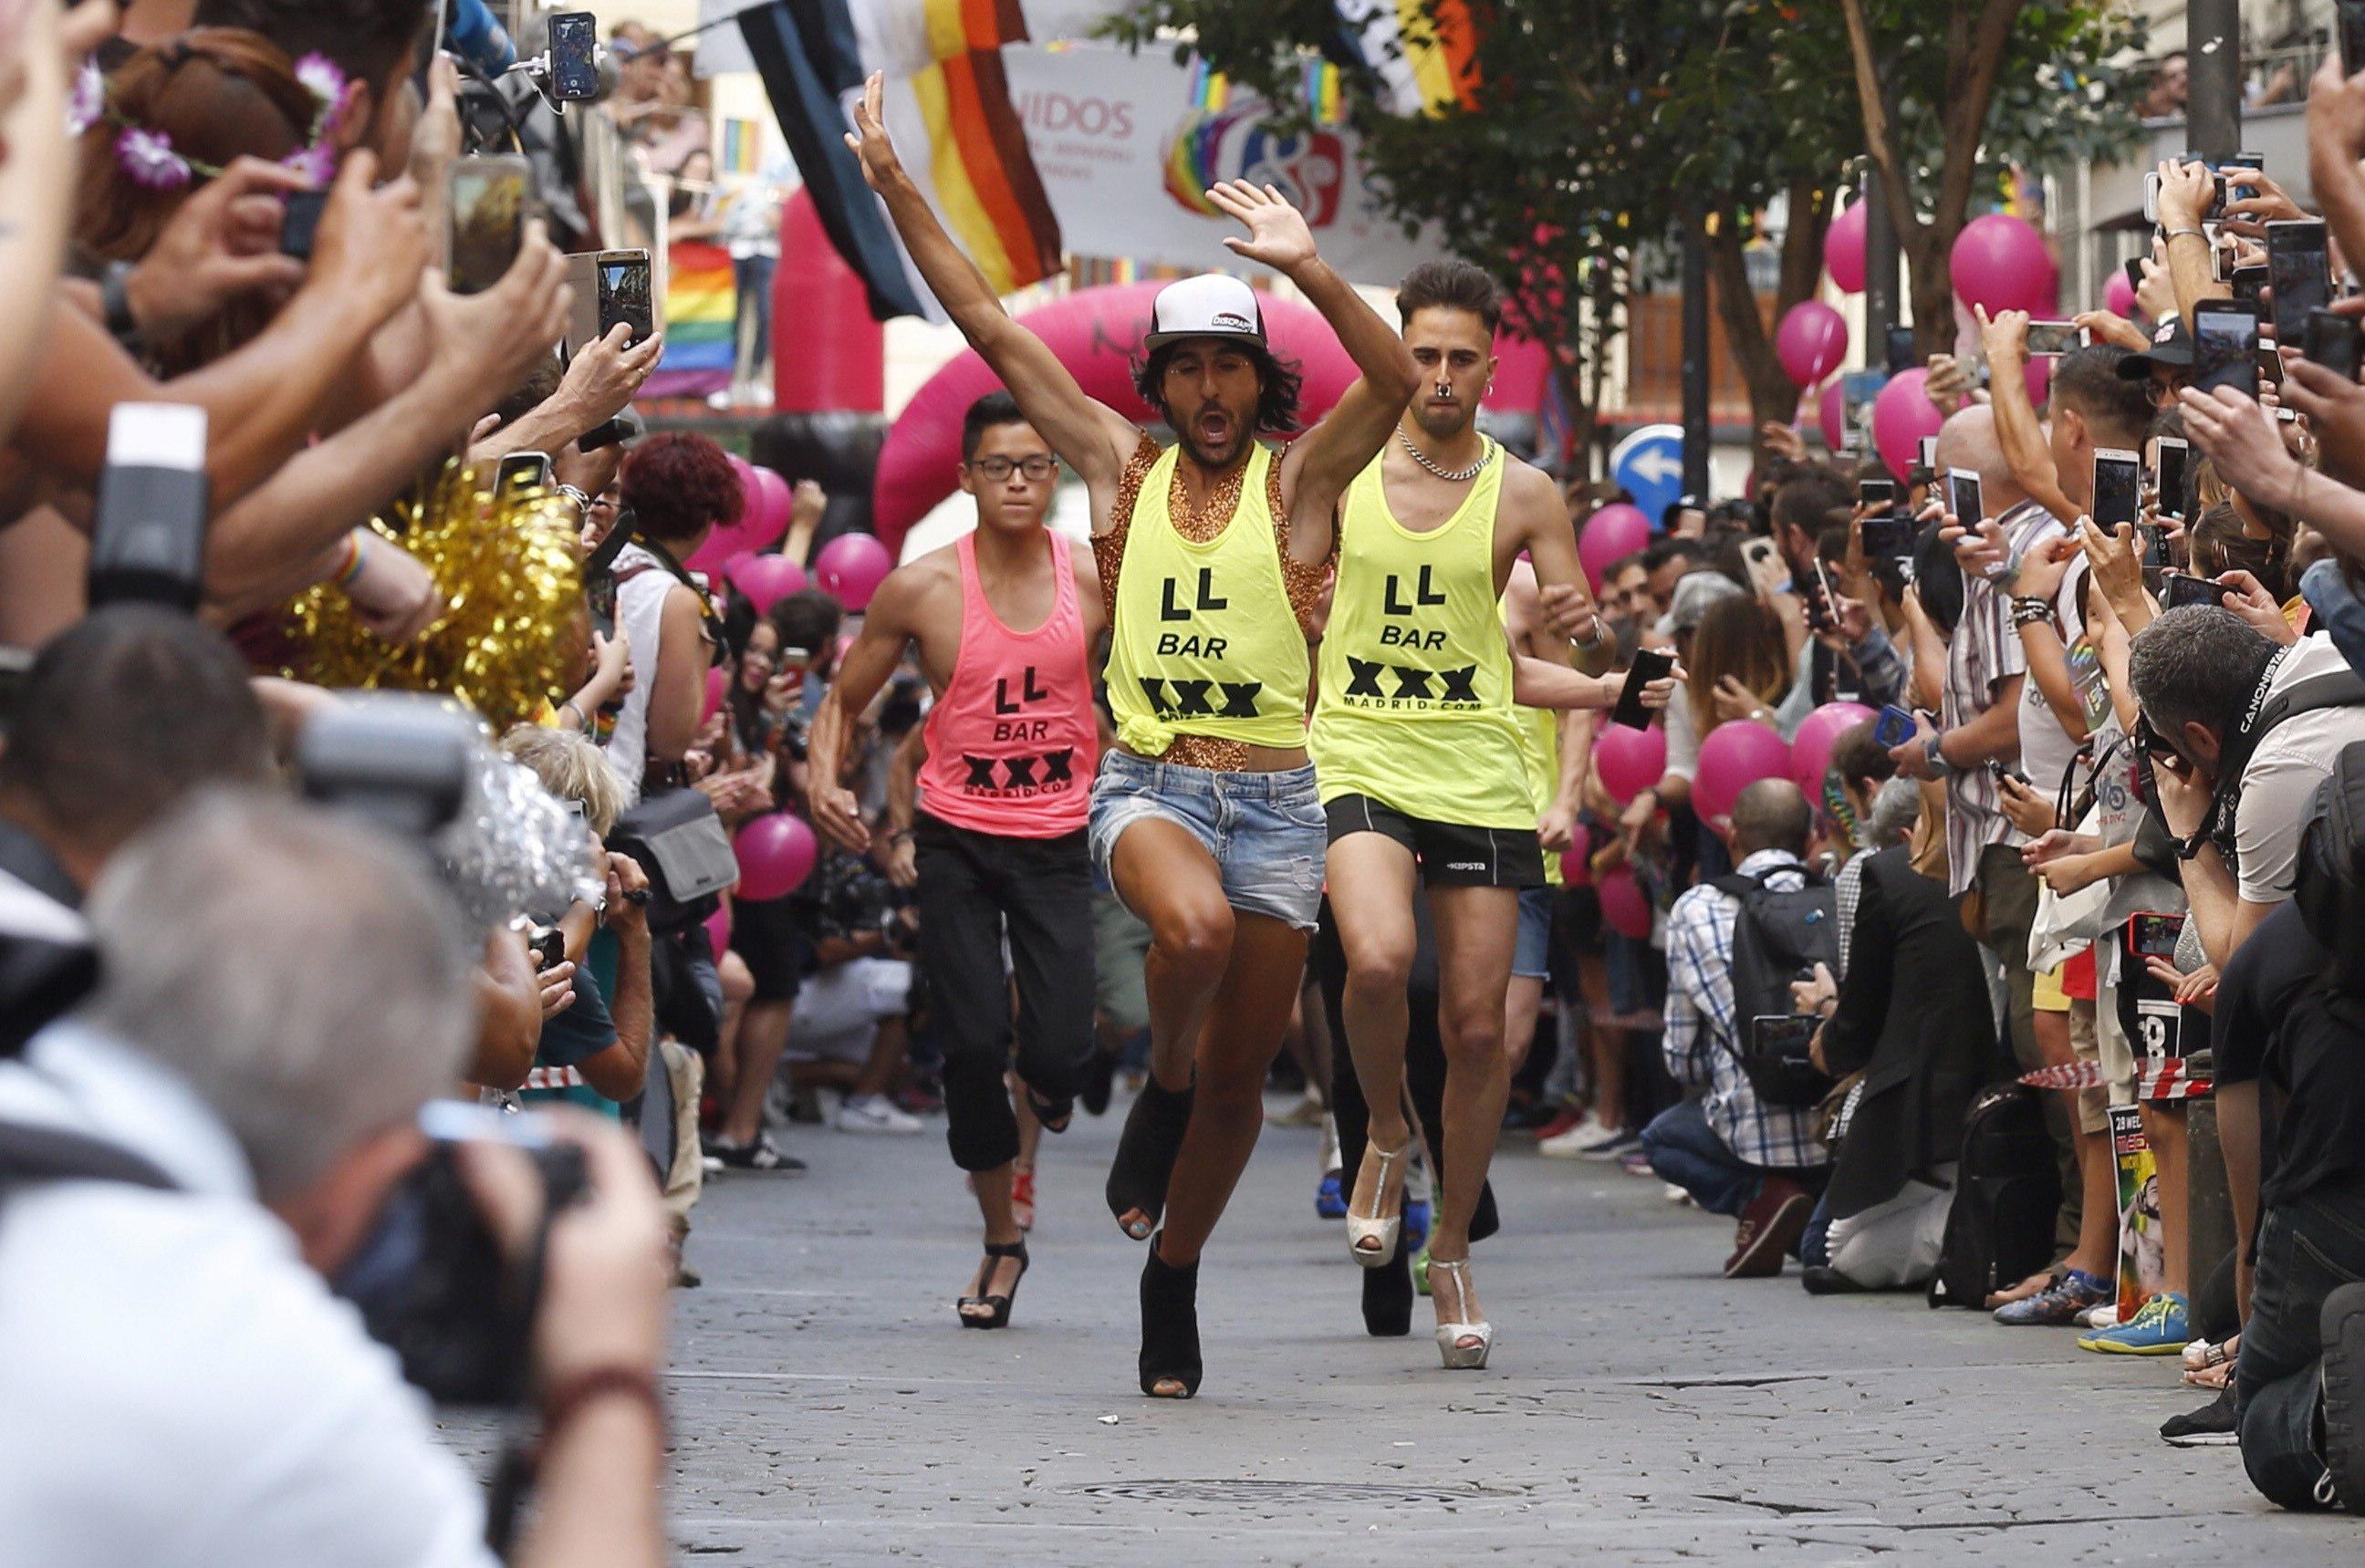 Un dels participants en la carrera de tacons al carrer Pelayo de Madrid un dels esdeveniments més tradicionals de les festes de l'Orgull LGTB, que compleix 20 anys. /PACO CAMPOS